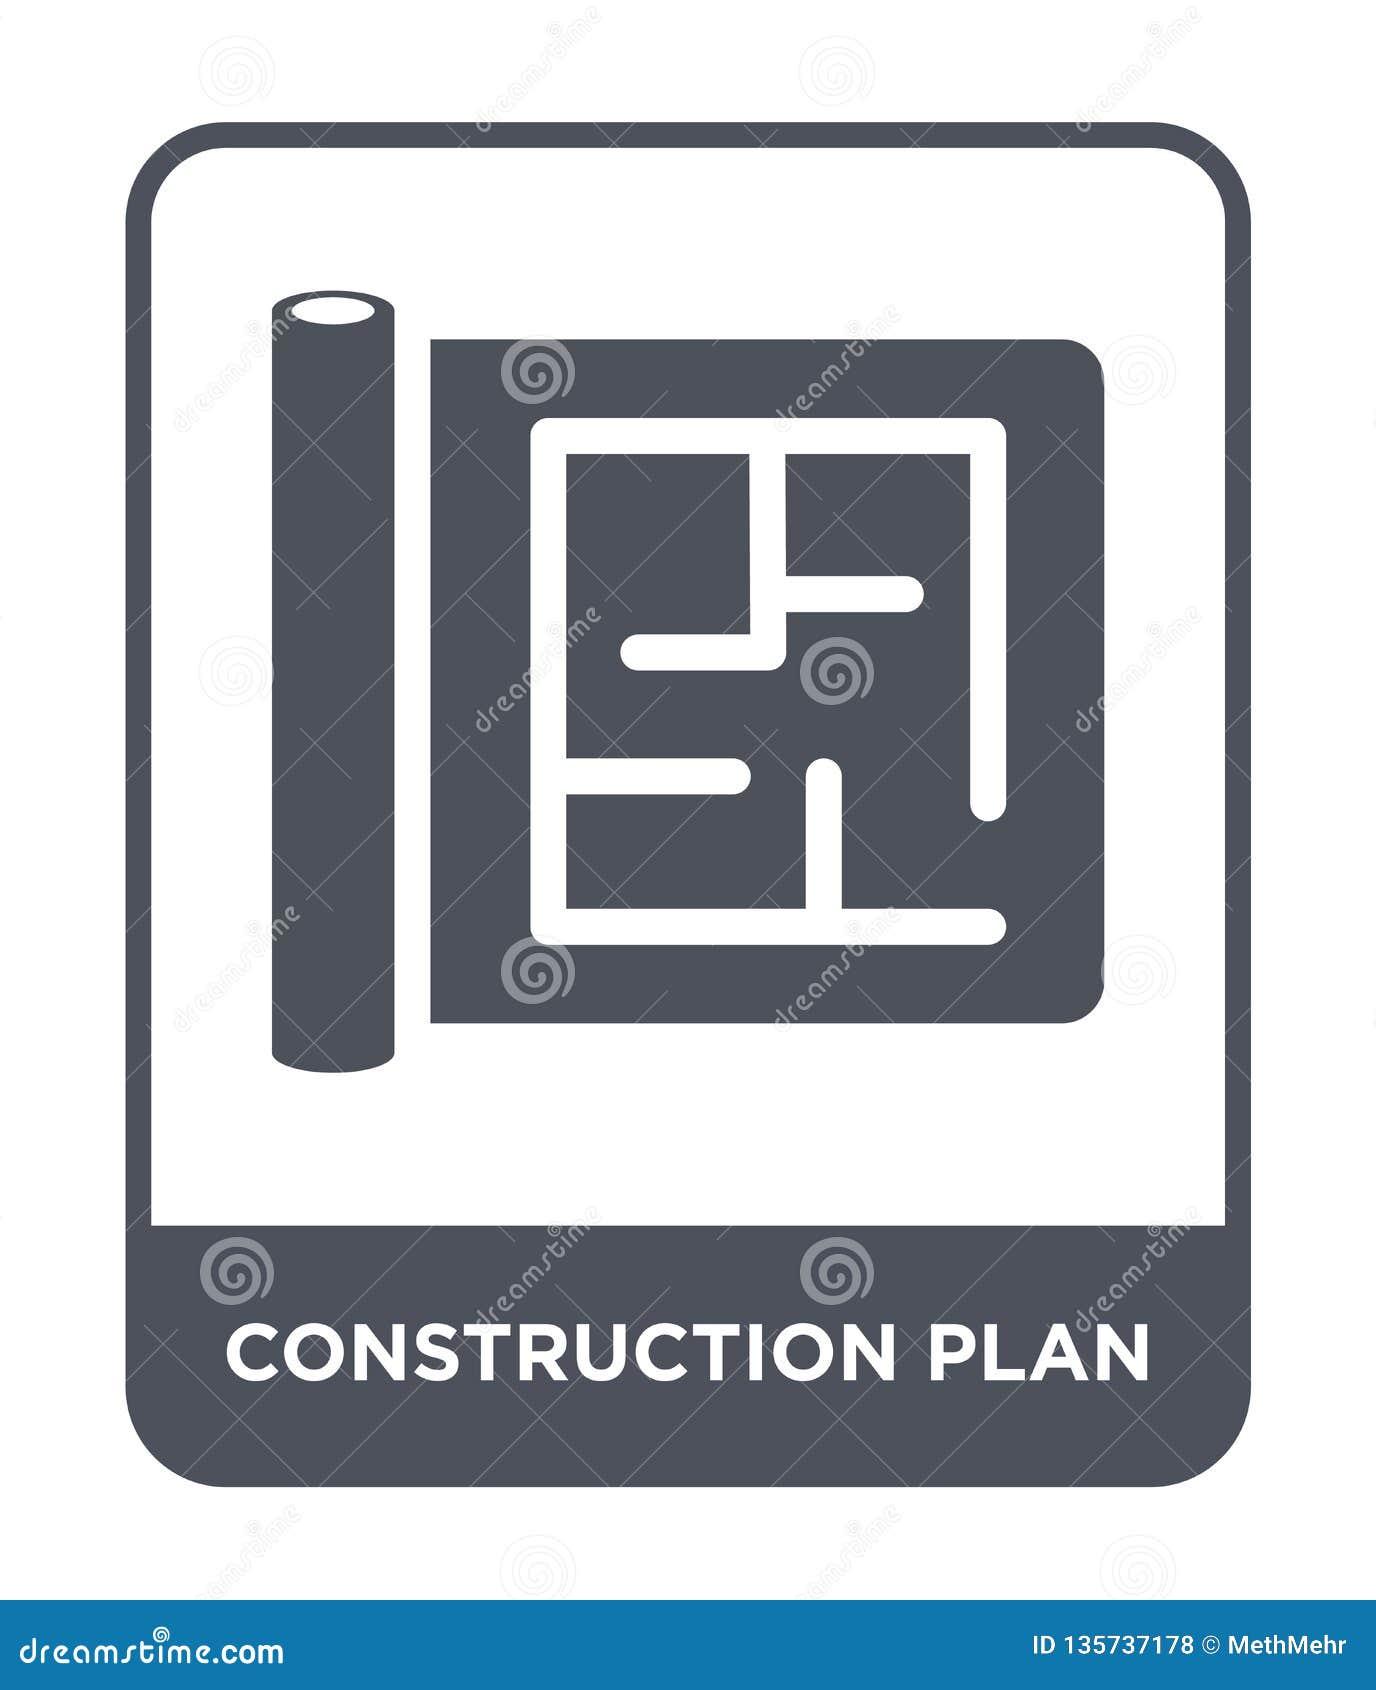 Icono del plan de la construcción en estilo de moda del diseño icono del plan de la construcción aislado en el fondo blanco icono